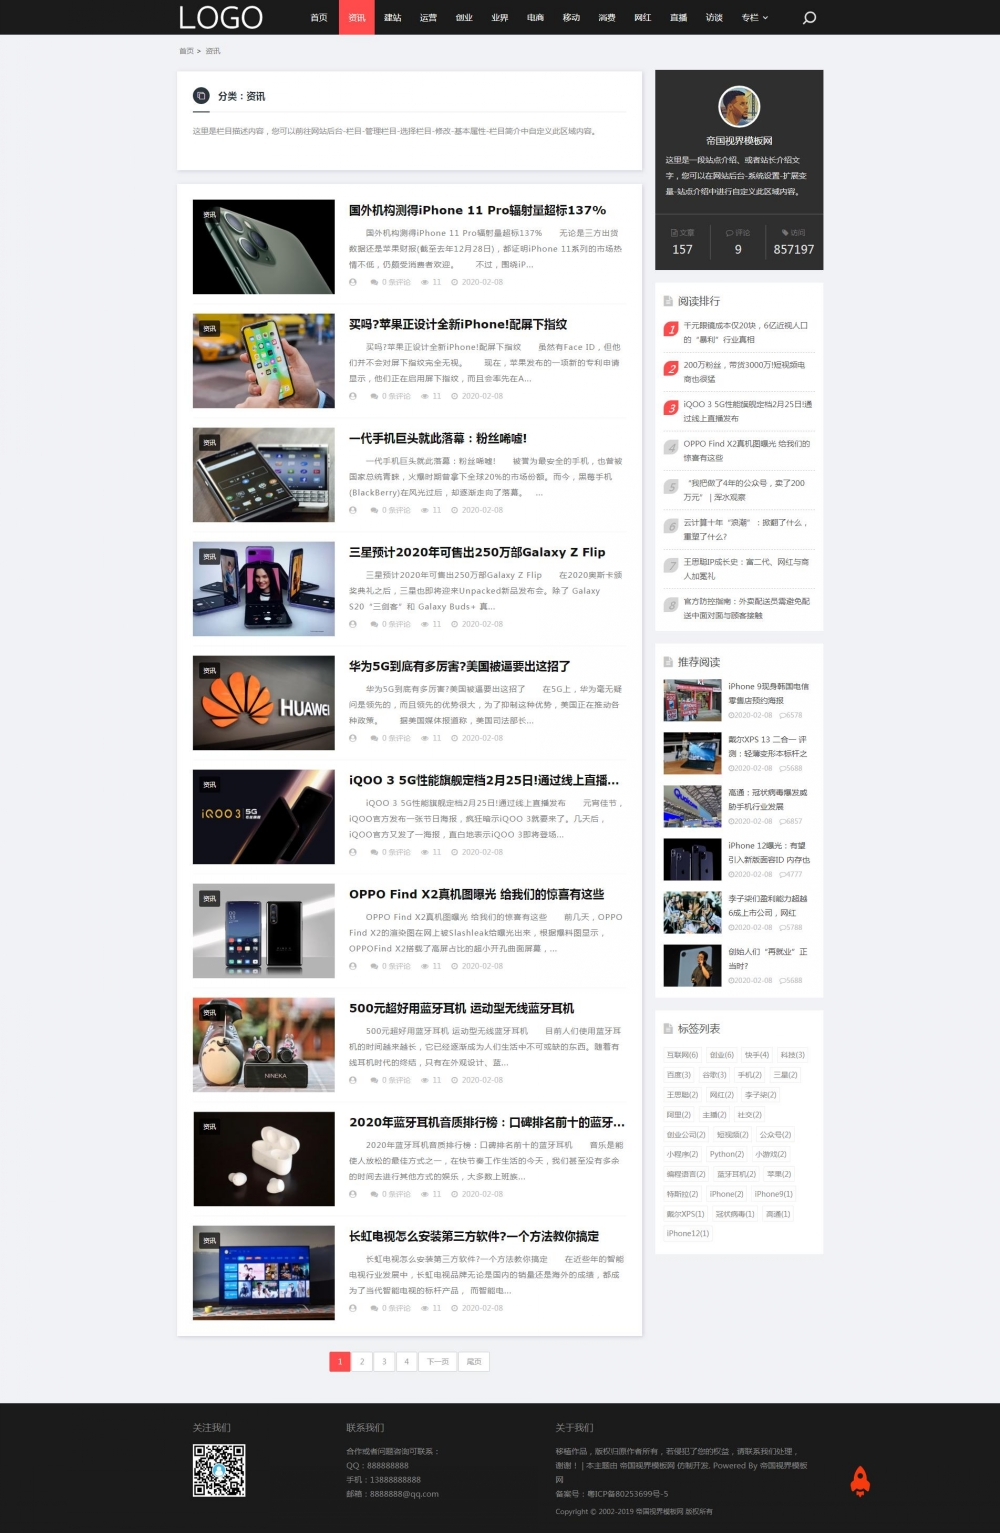 网站栏目(图文).jpg [DG-058]帝国CMS模板经典黑色新闻资讯自媒体资讯网站模板 新闻资讯 第2张